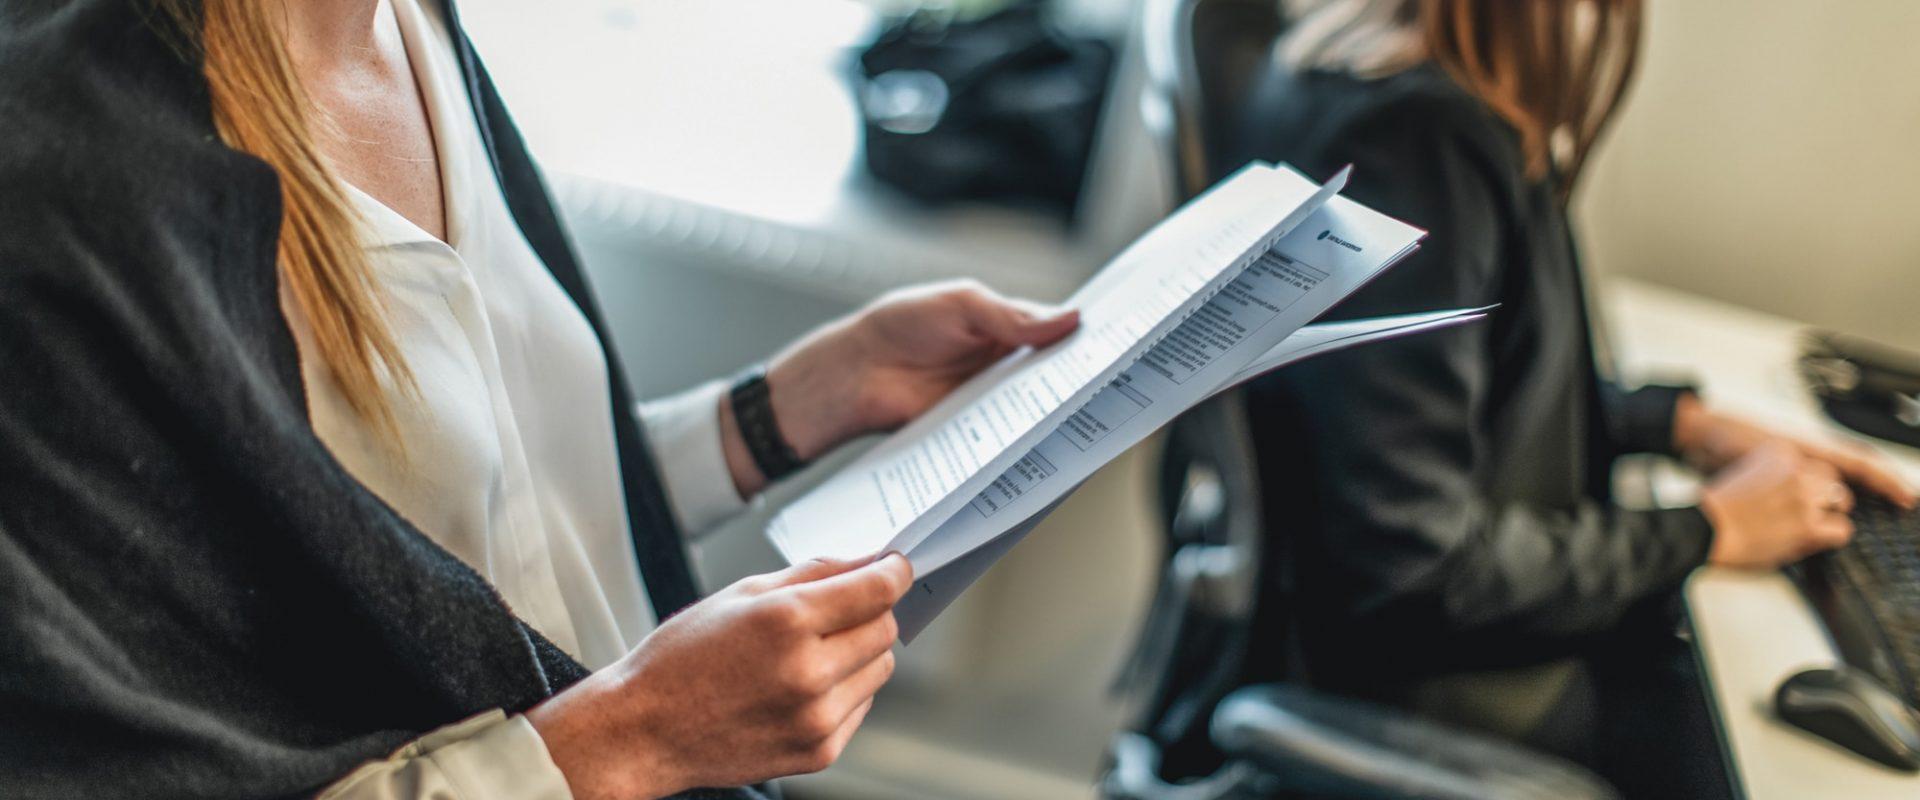 Viser en Inventuransatt som studerer et dokument. Inventura tilbyr kategoristyring som tjeneste.